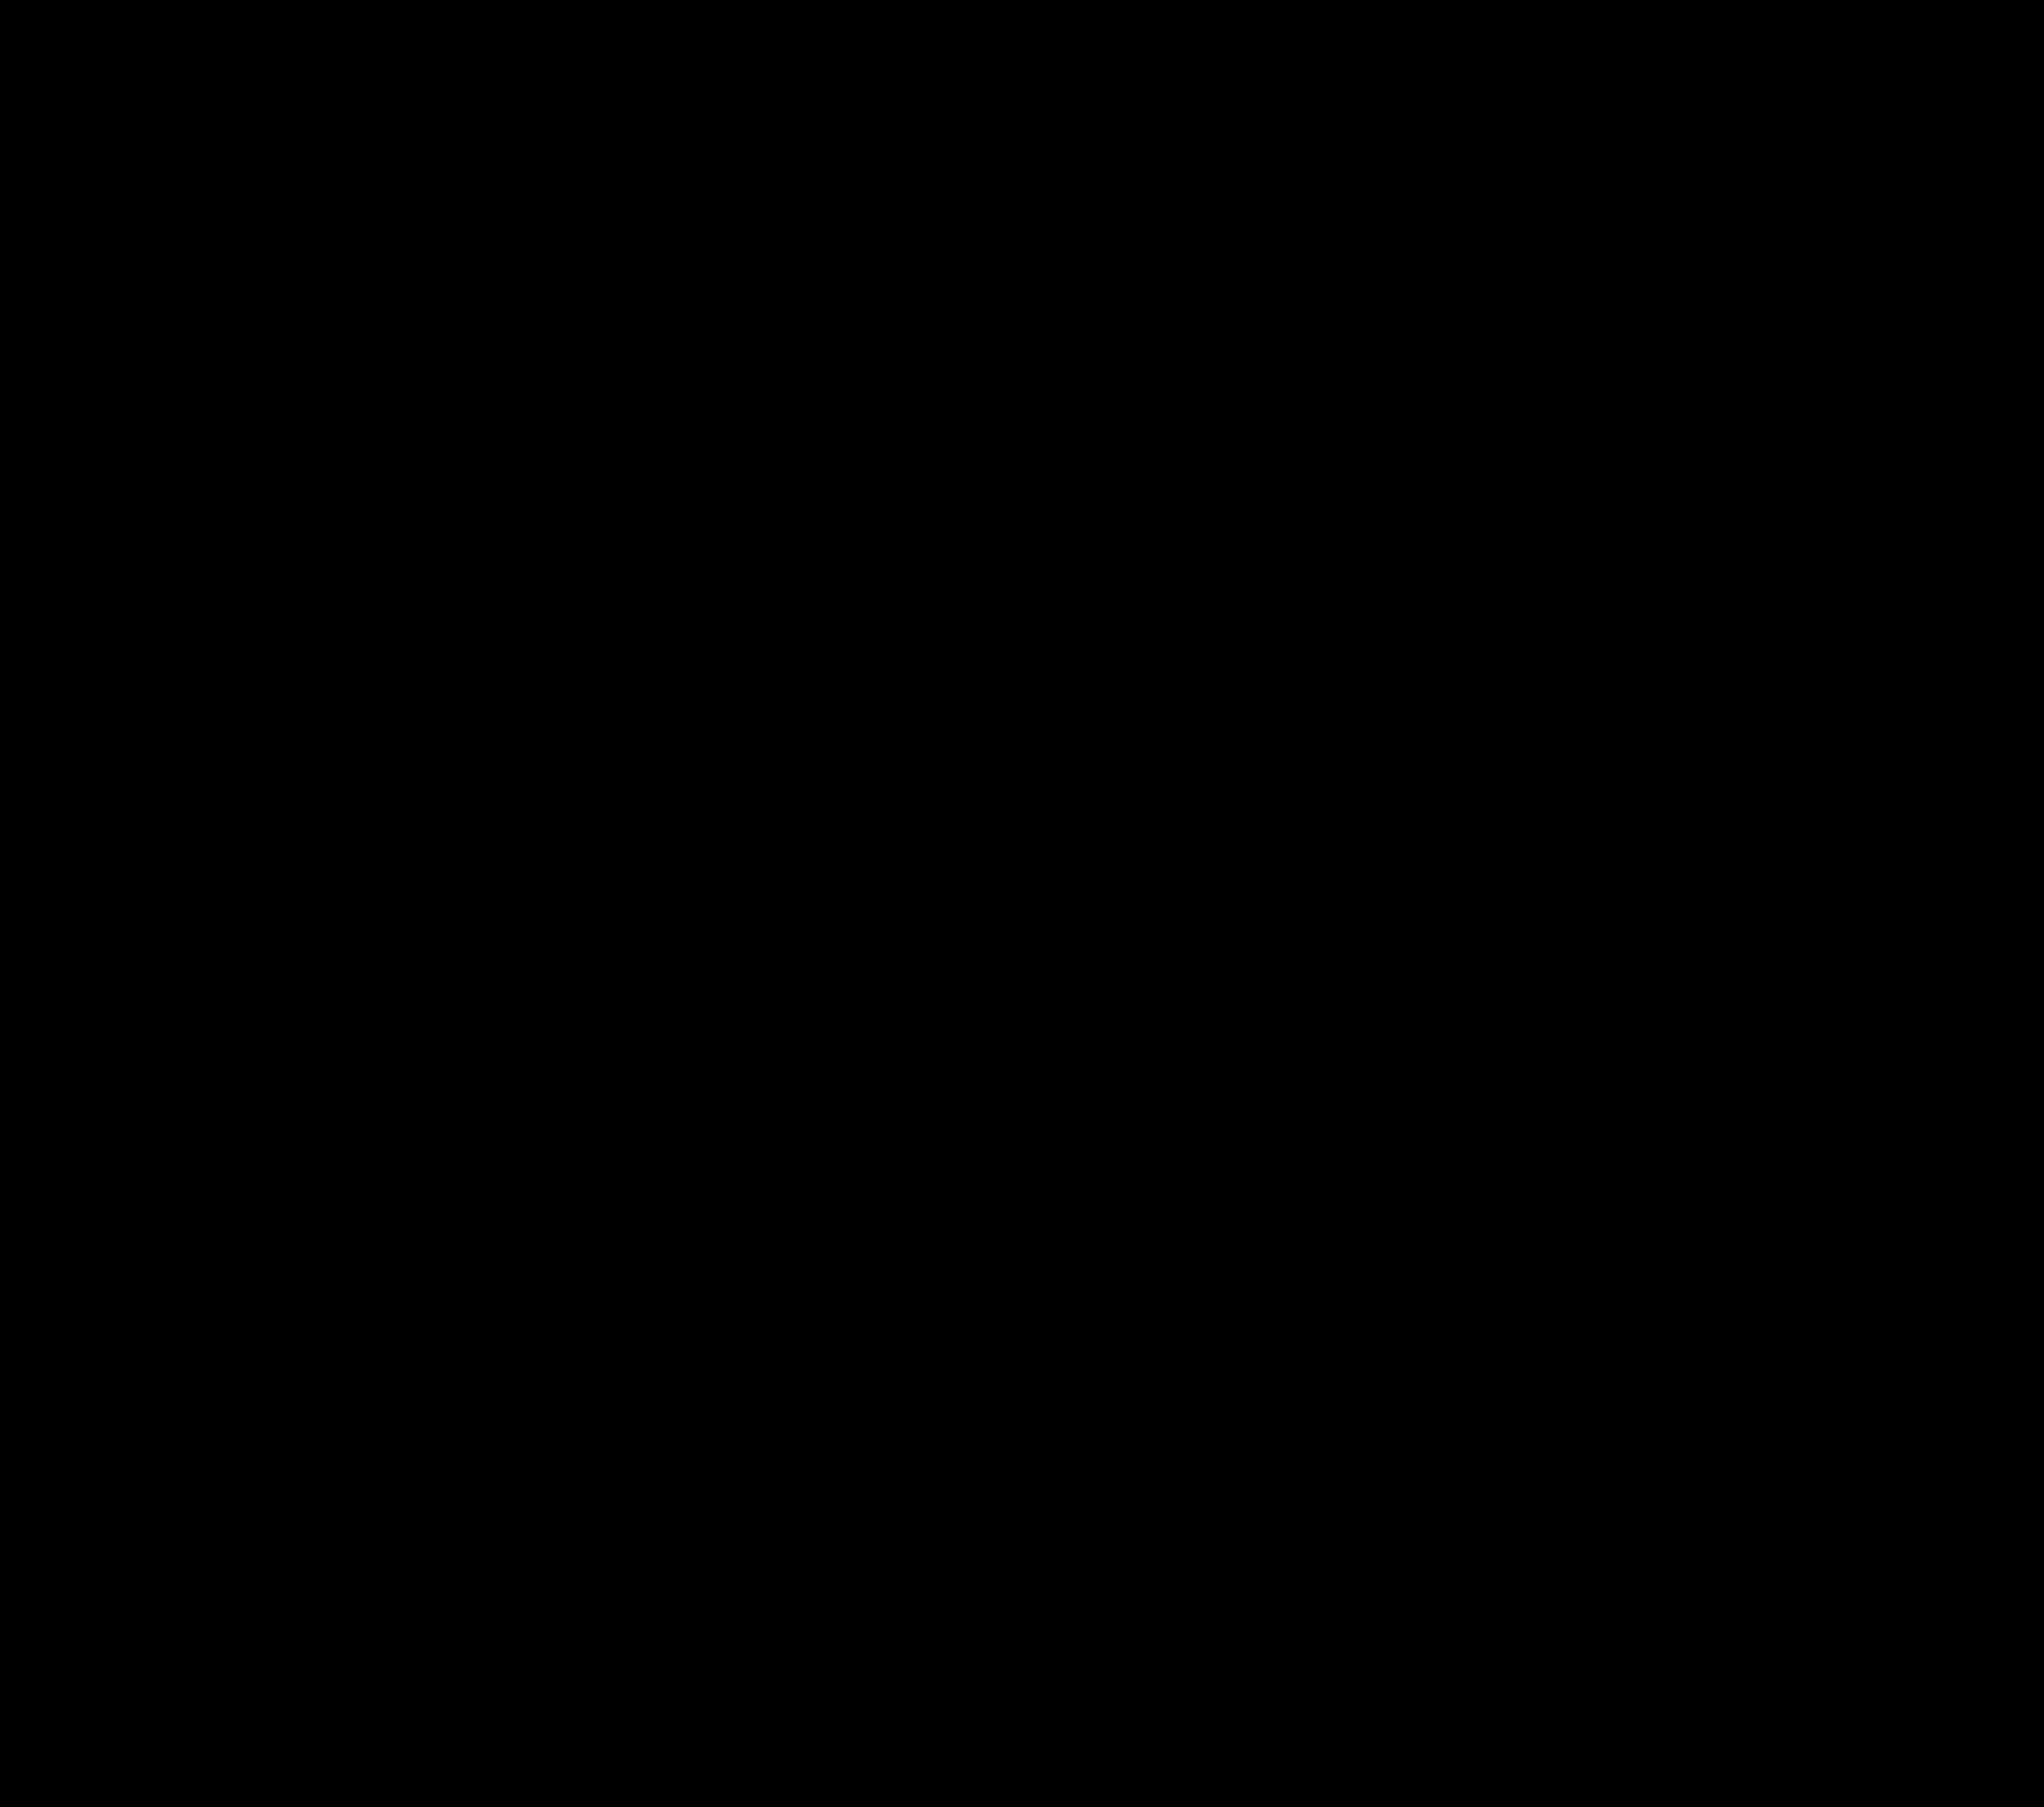 svg transparent Clipart